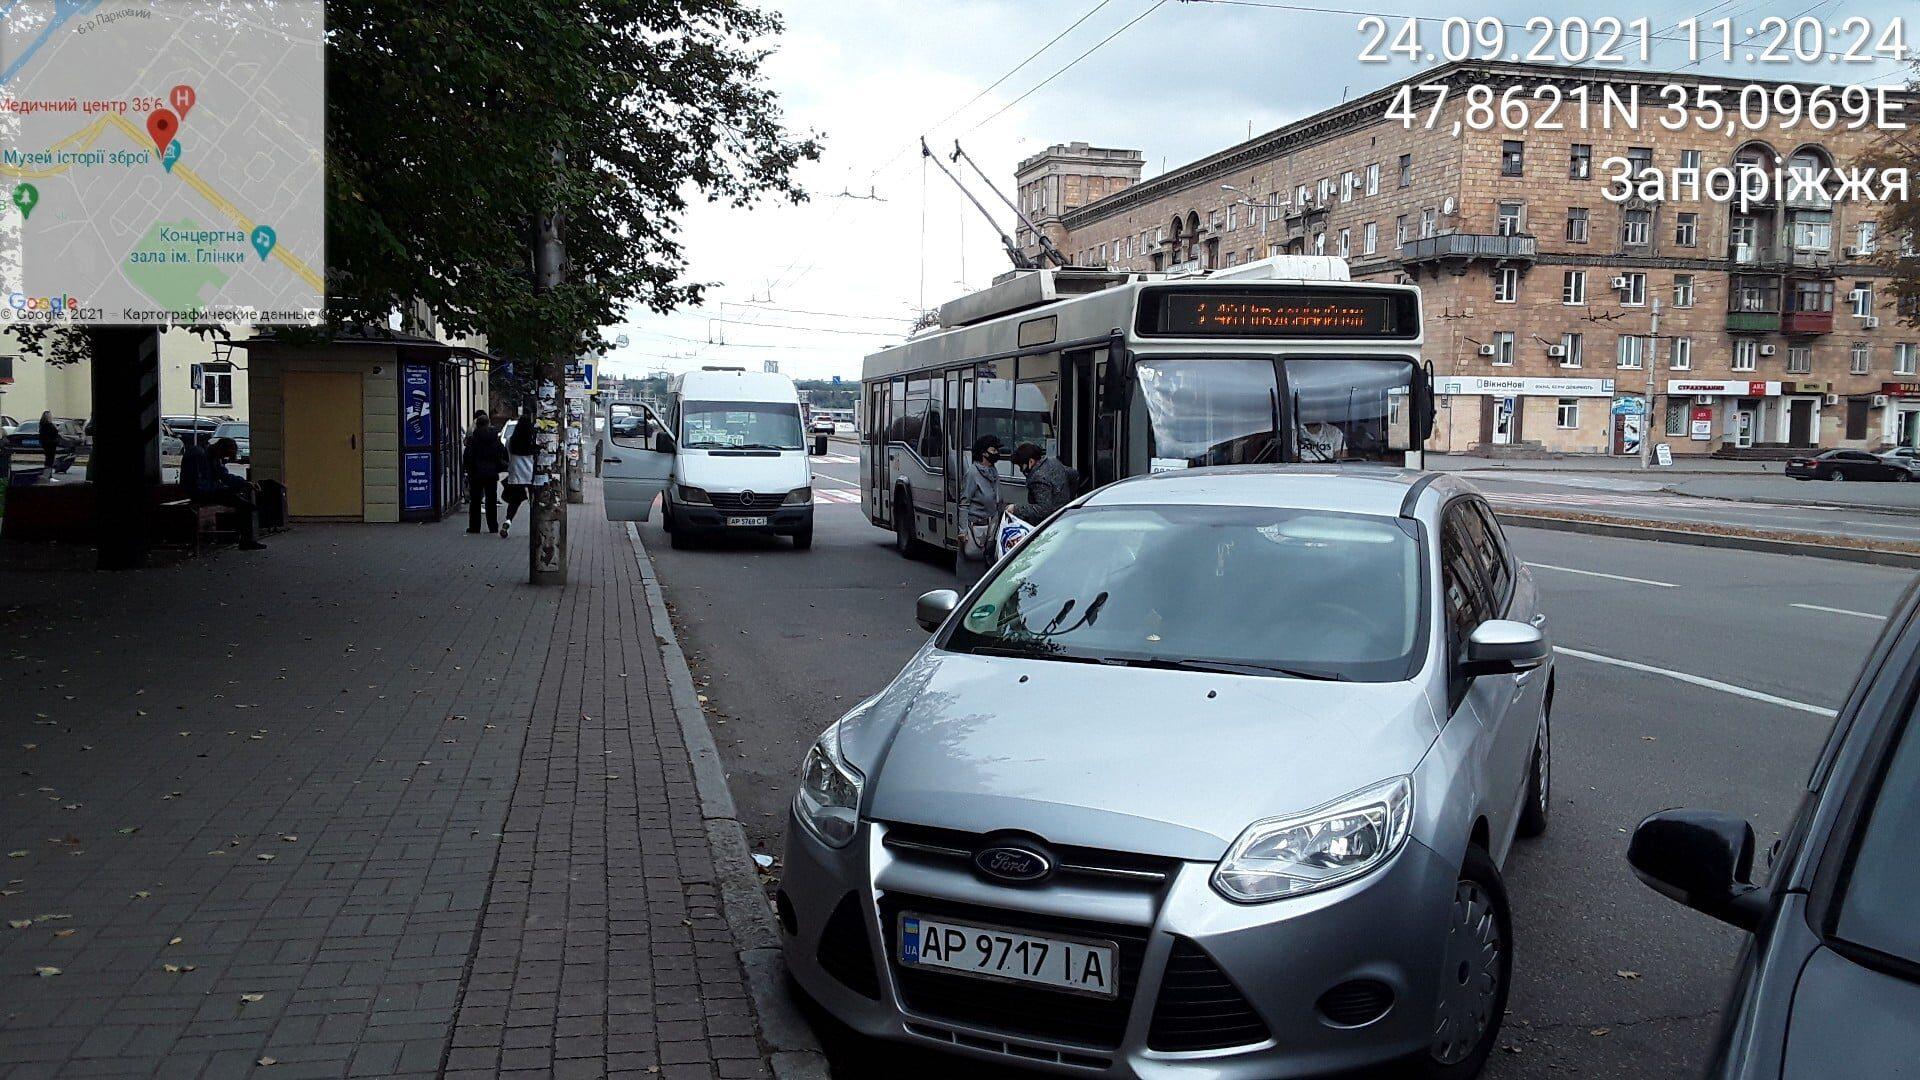 Запорізькі водії через неправильне паркування заважають роботі громадського транспорту